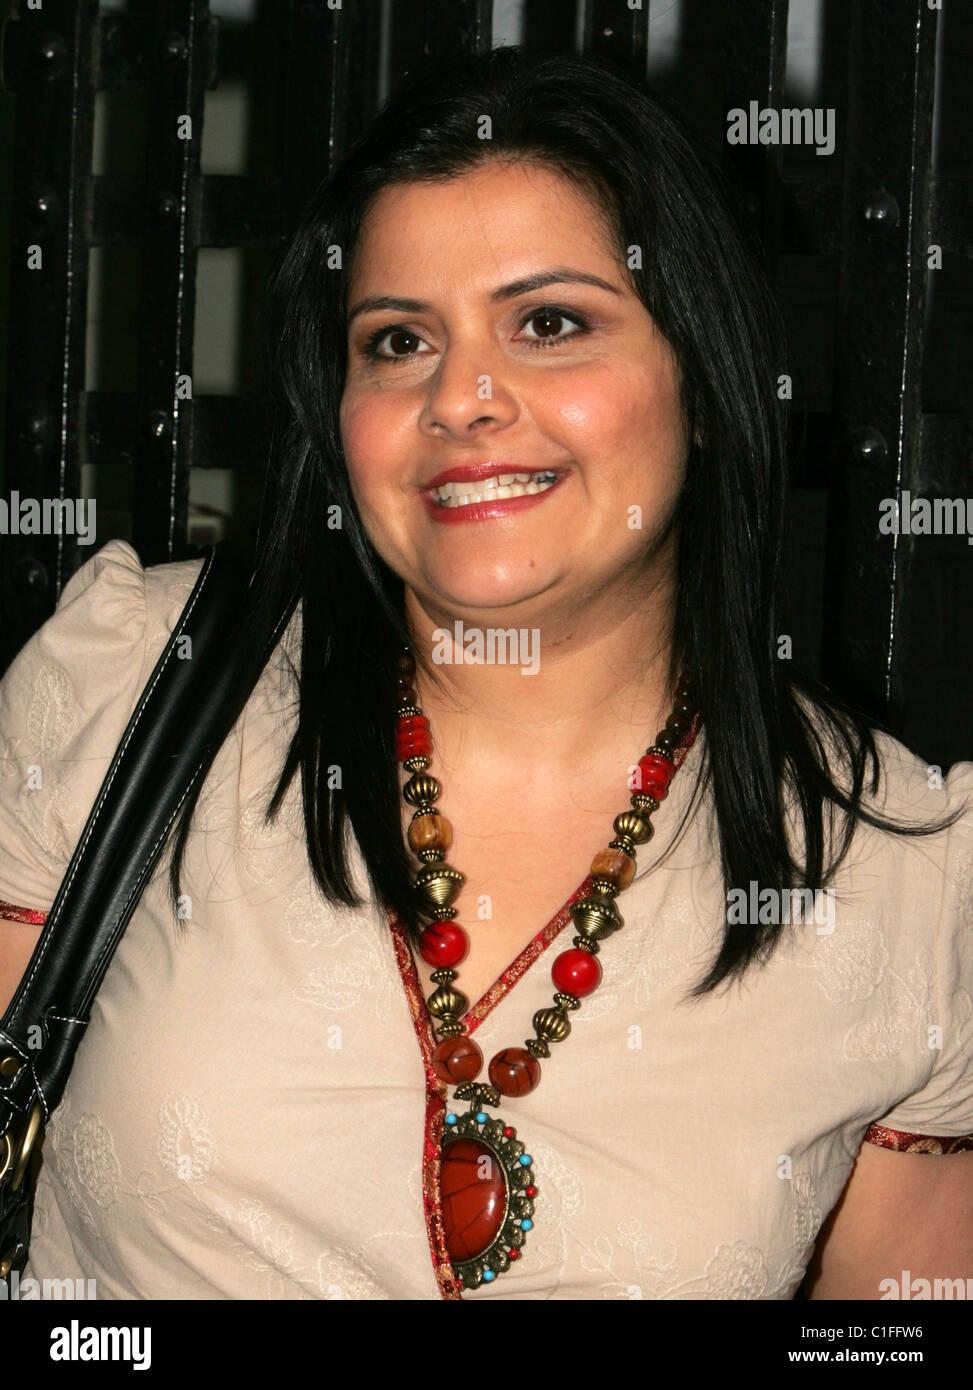 Shelby Rabara